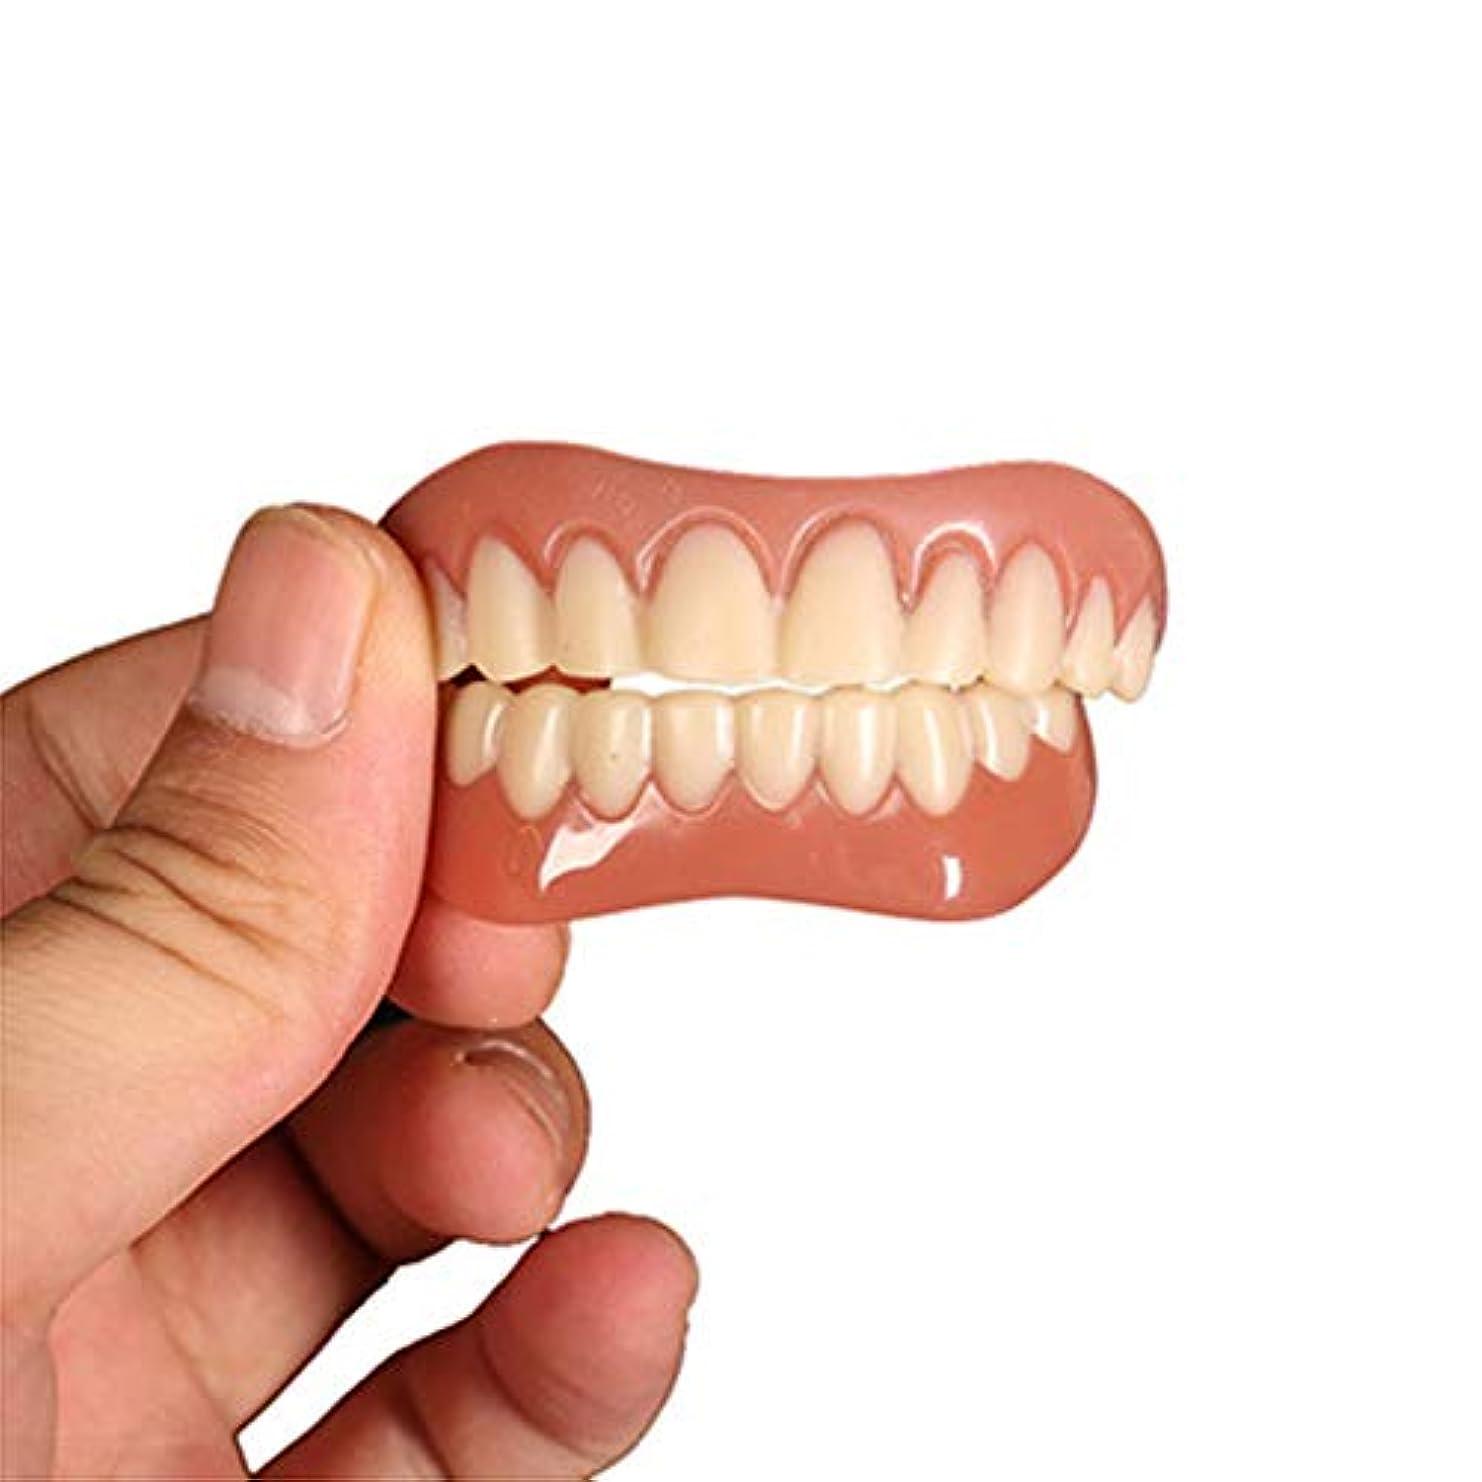 数悔い改め賄賂8セット、化粧品の歯、白い歯をきれいにするための快適さにフィットするフレックス歯のソケット、化粧品の歯義歯の歯のトップ化粧品、